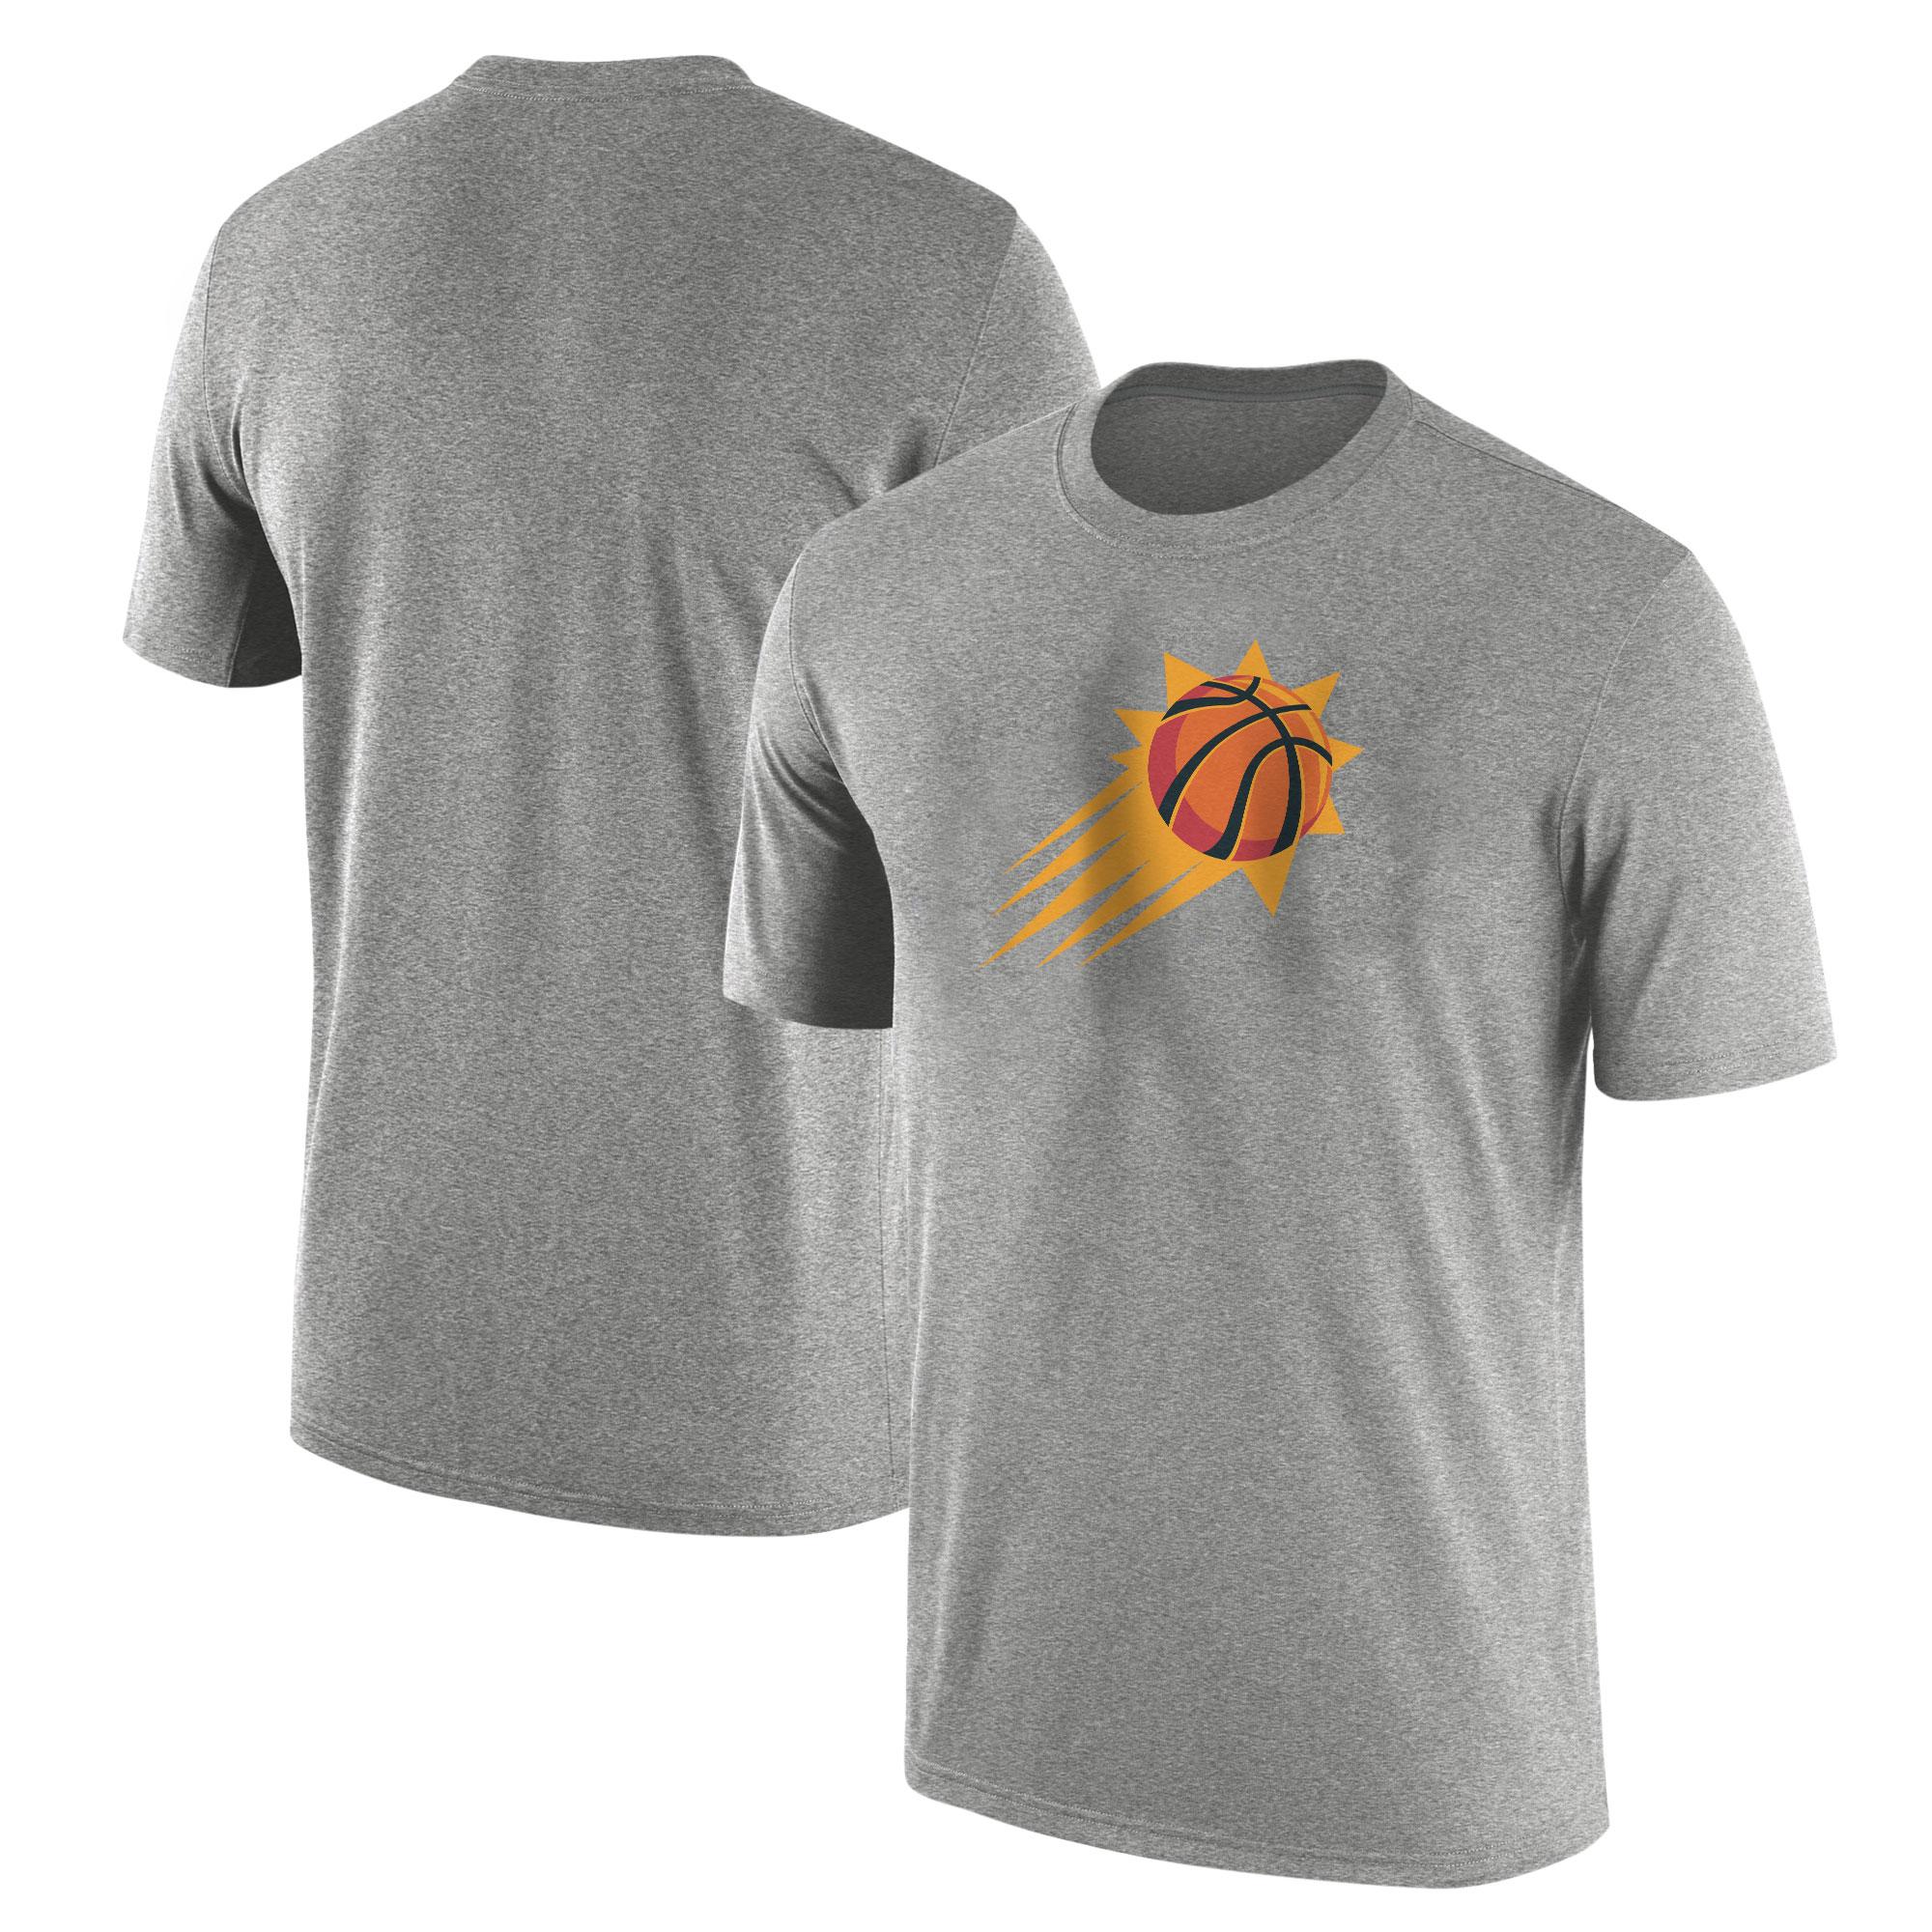 Phoenix Suns Tshirt (TSH-GRY-NP-406-NBA-PHO-SUNS-NEW)